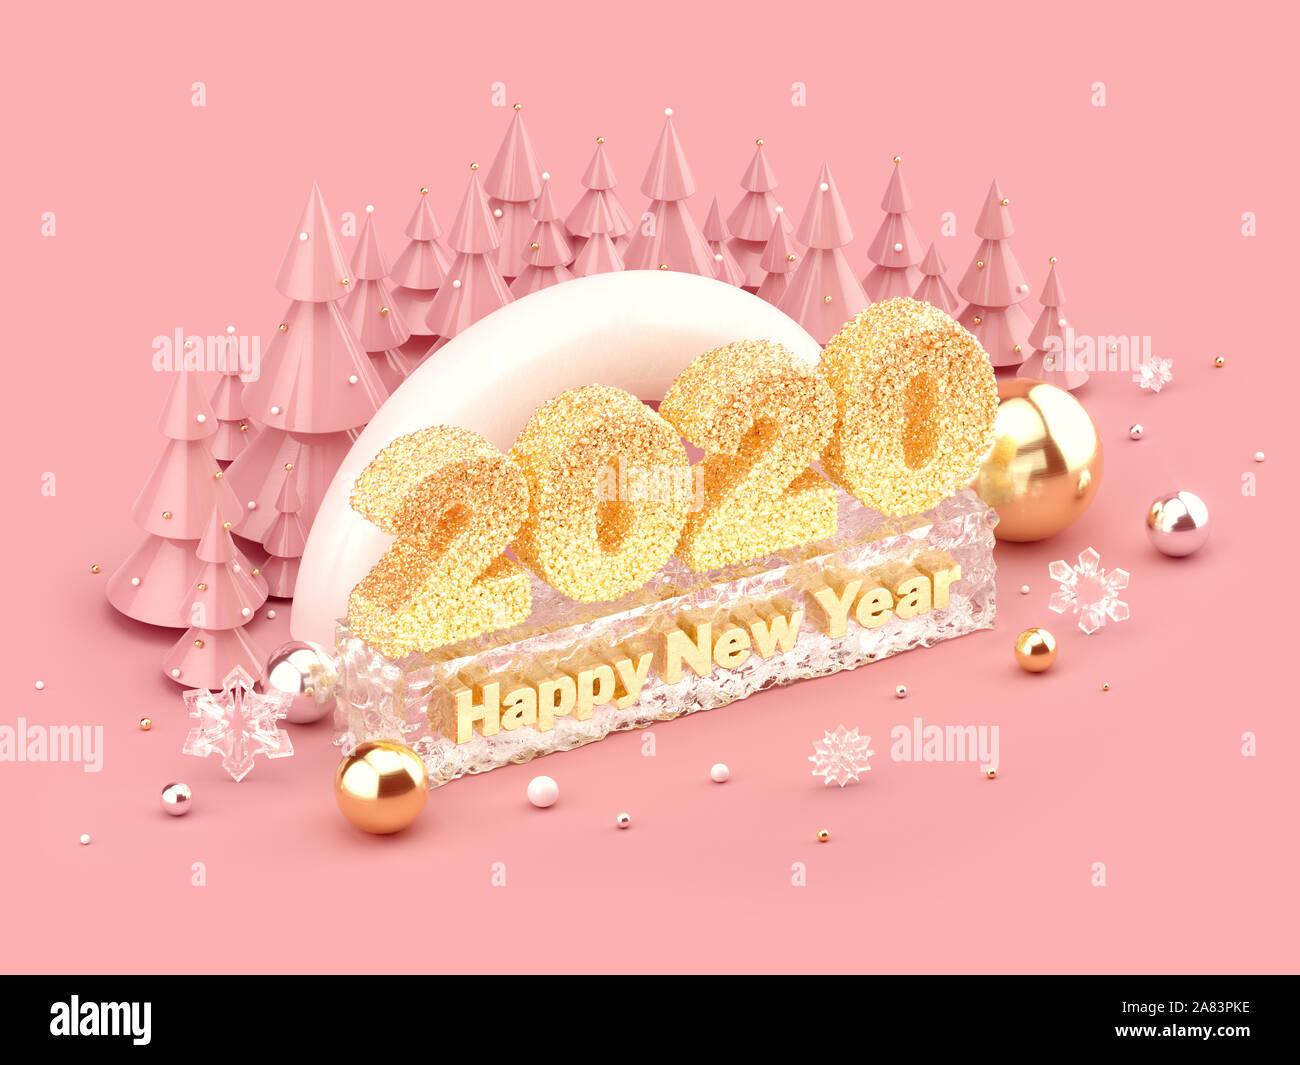 Feliz Año Nuevo 2020 ilustración isométrica con brillantes letras doradas, Feliz Año Nuevo deseos, y árboles de Navidad. 3D rendering. Foto de stock